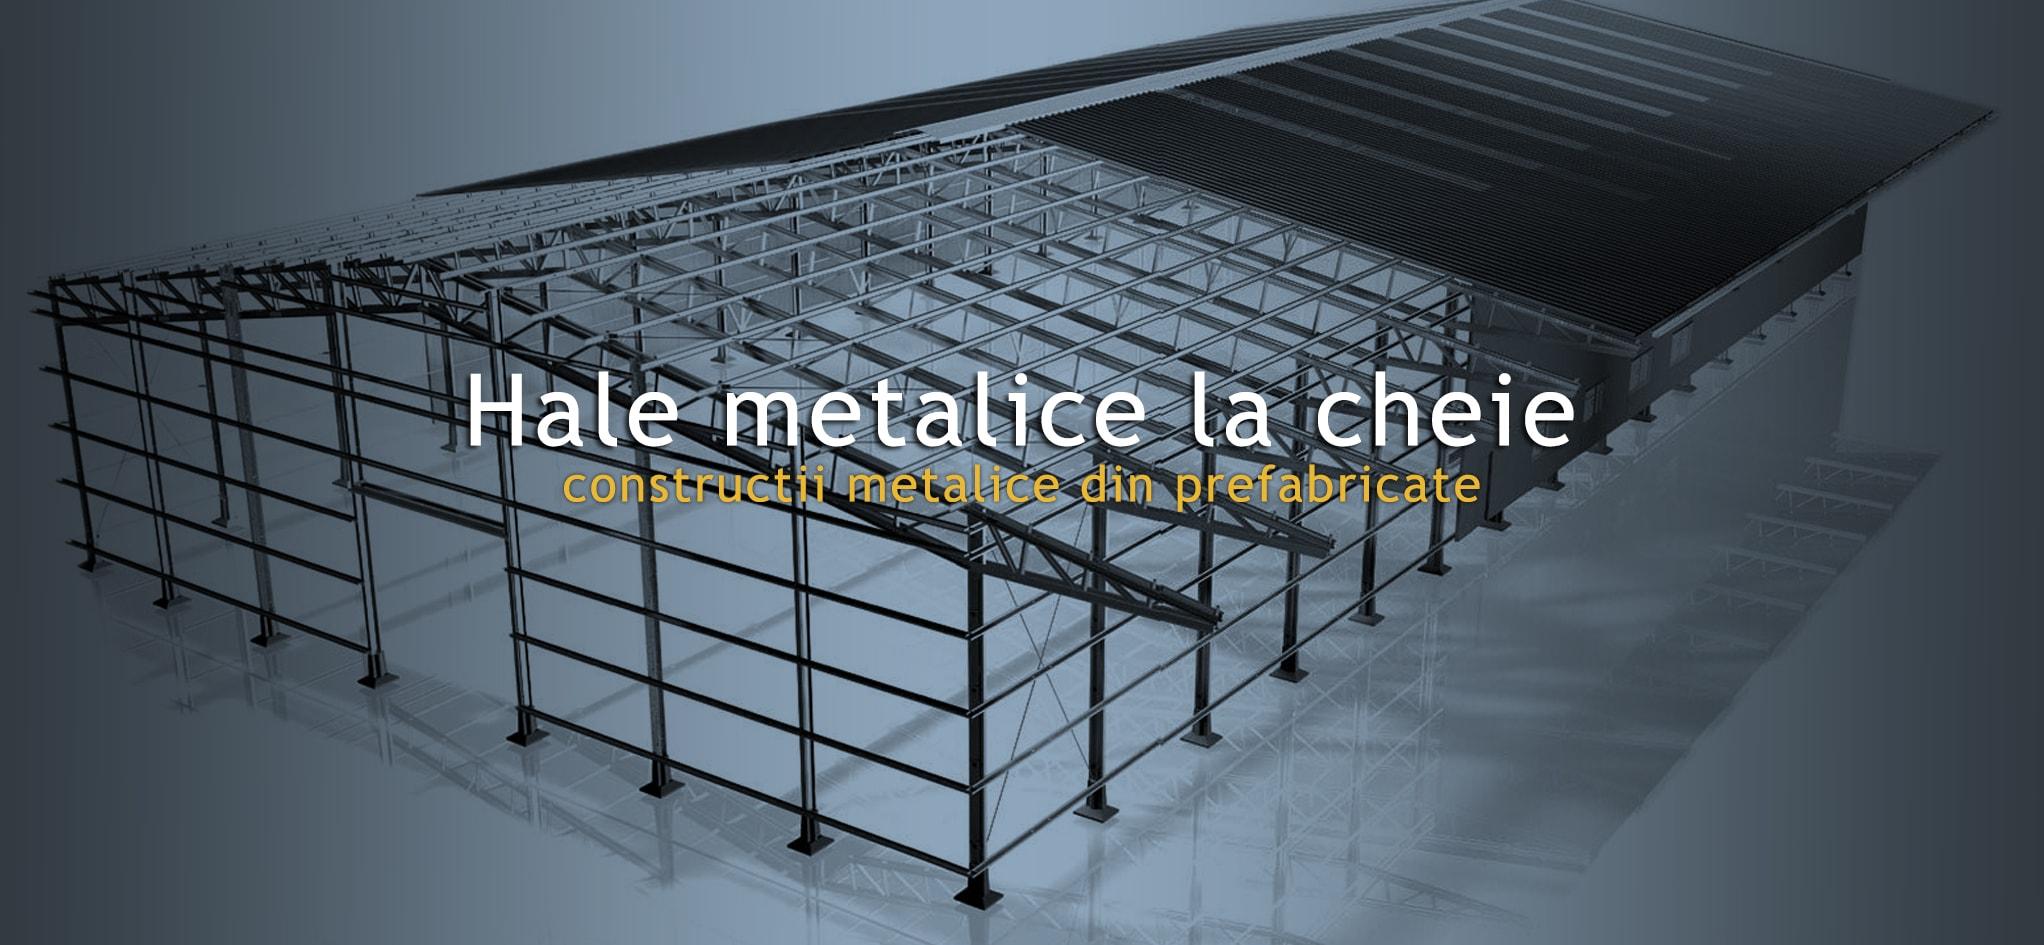 Ce costuri sunt necesare pentru a construi o hala metalica?